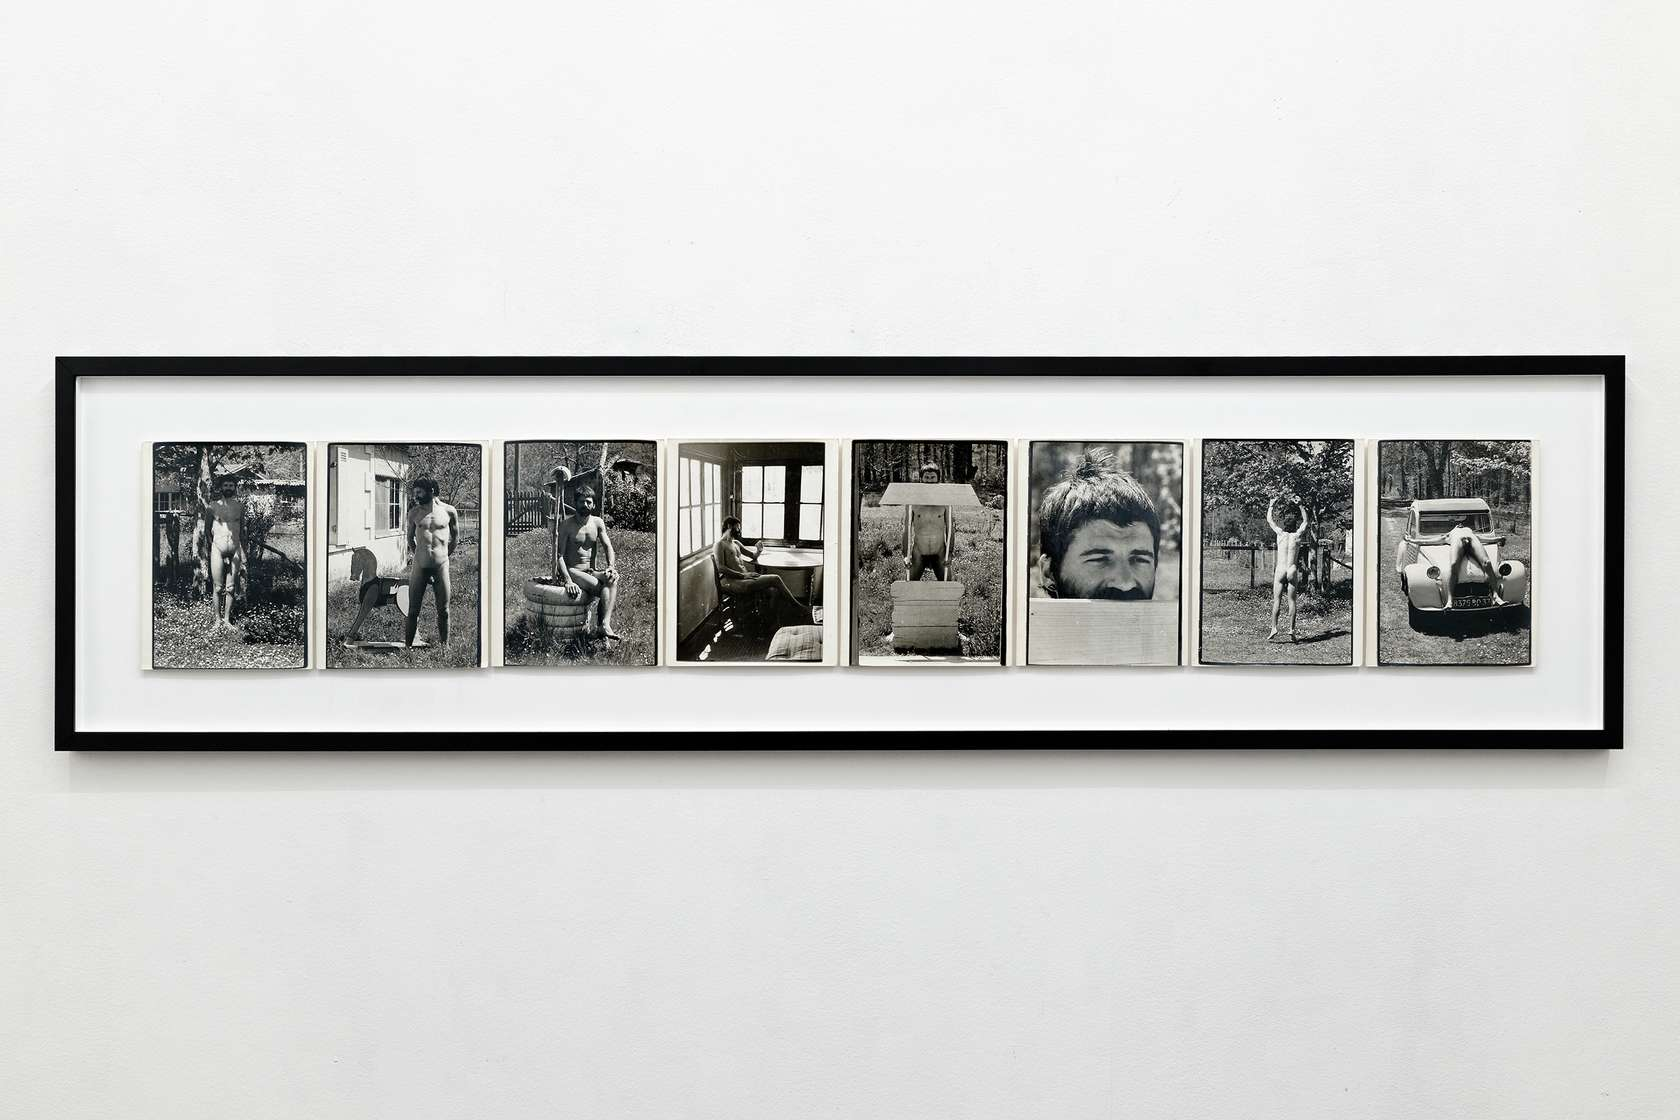 Présence Panchounette, Mission Appolo, 1974 Tirage argentique original d'époque24 x 18 cm / 9 1/2 x 7 1/8 inches